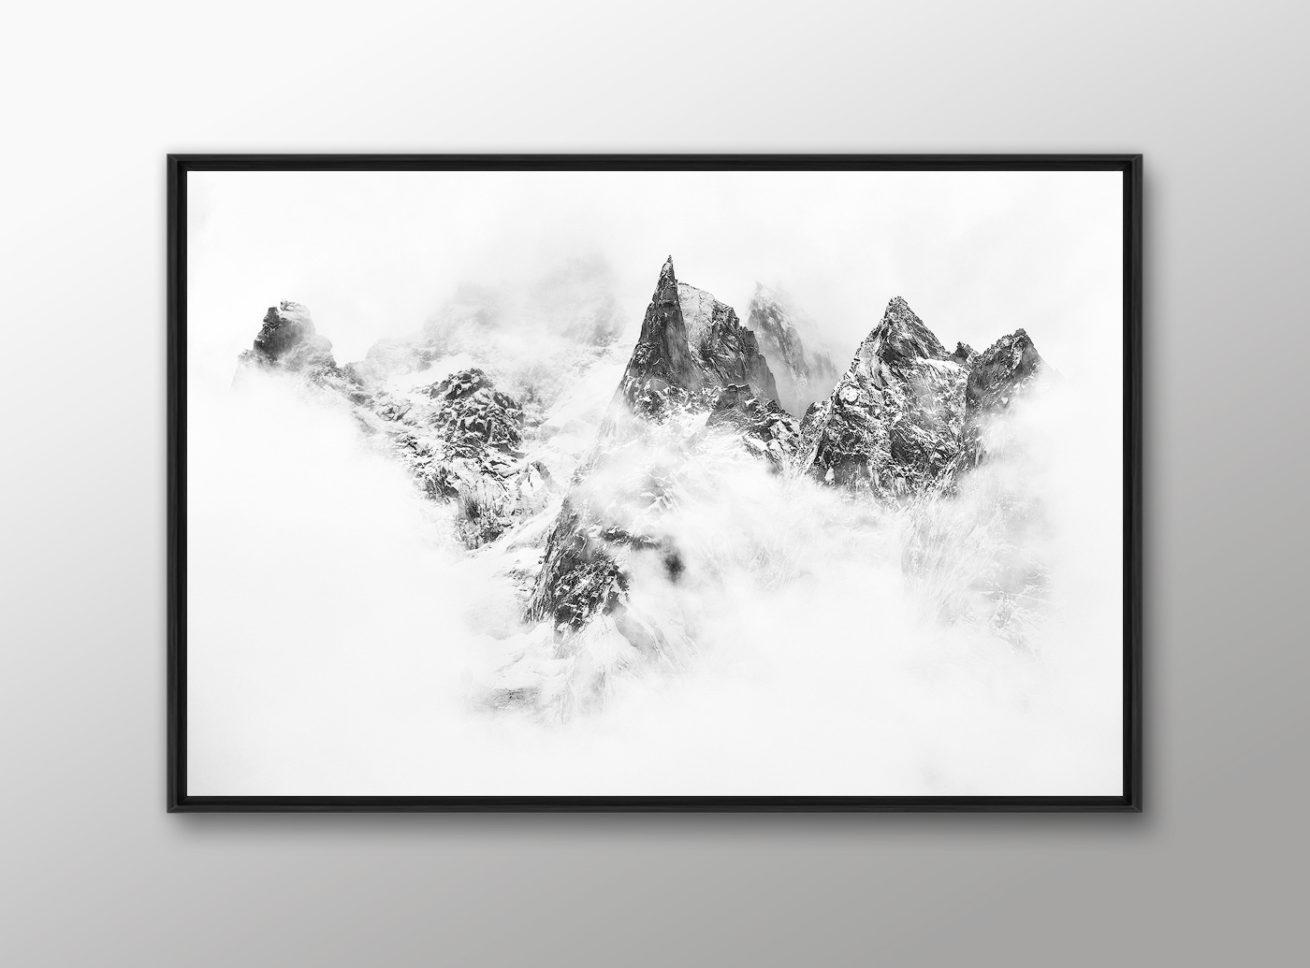 Idee cadeau photo montagne noir et blanc encadree